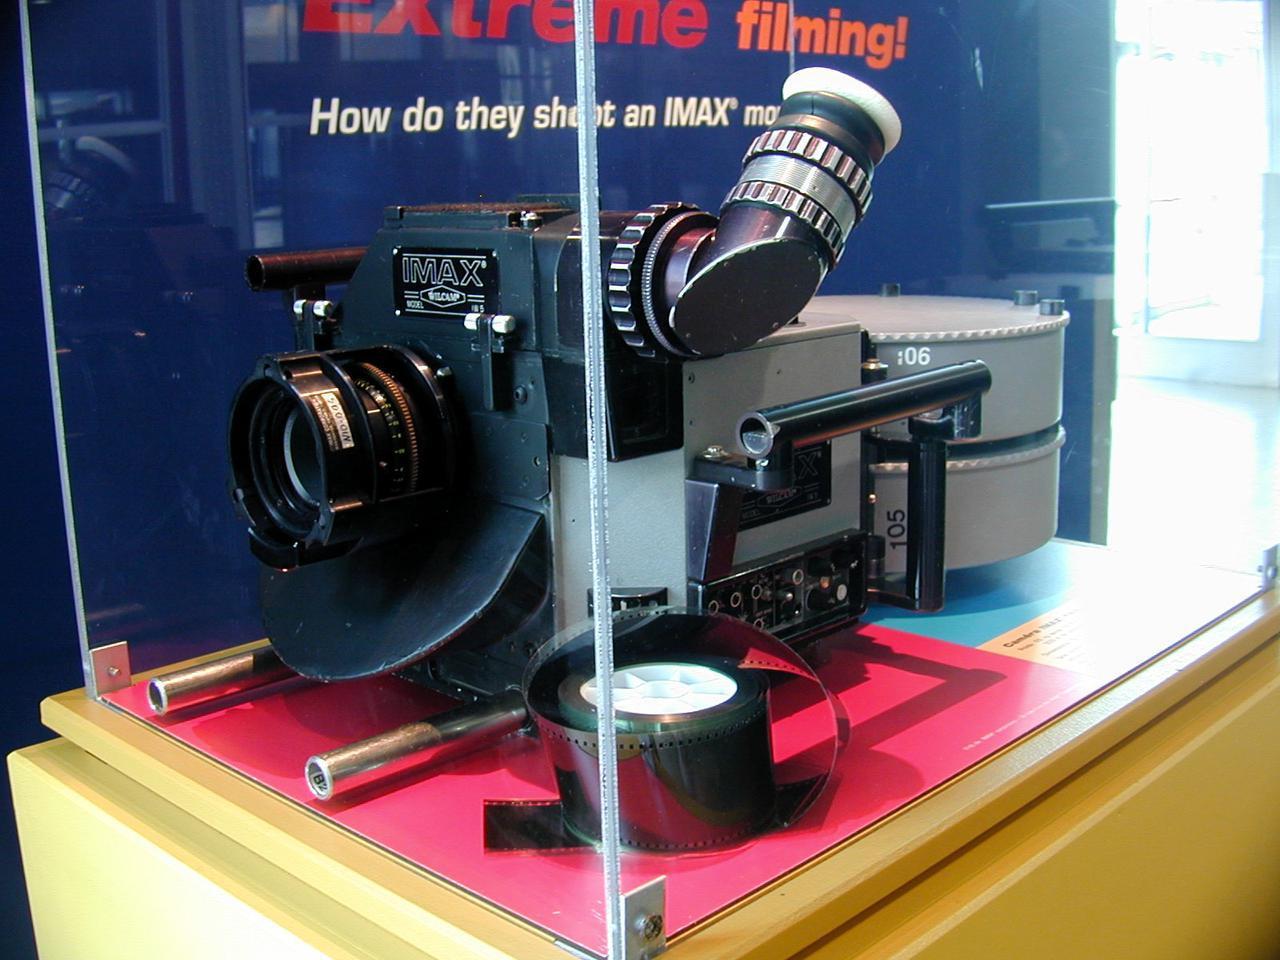 画像: IMAXカメラ。大型のフィルムを大量に使うため莫大なコストがかかる(出展:Wikipedia) https://commons.wikimedia.org/w/index.php?curid=294017 commons.wikimedia.org